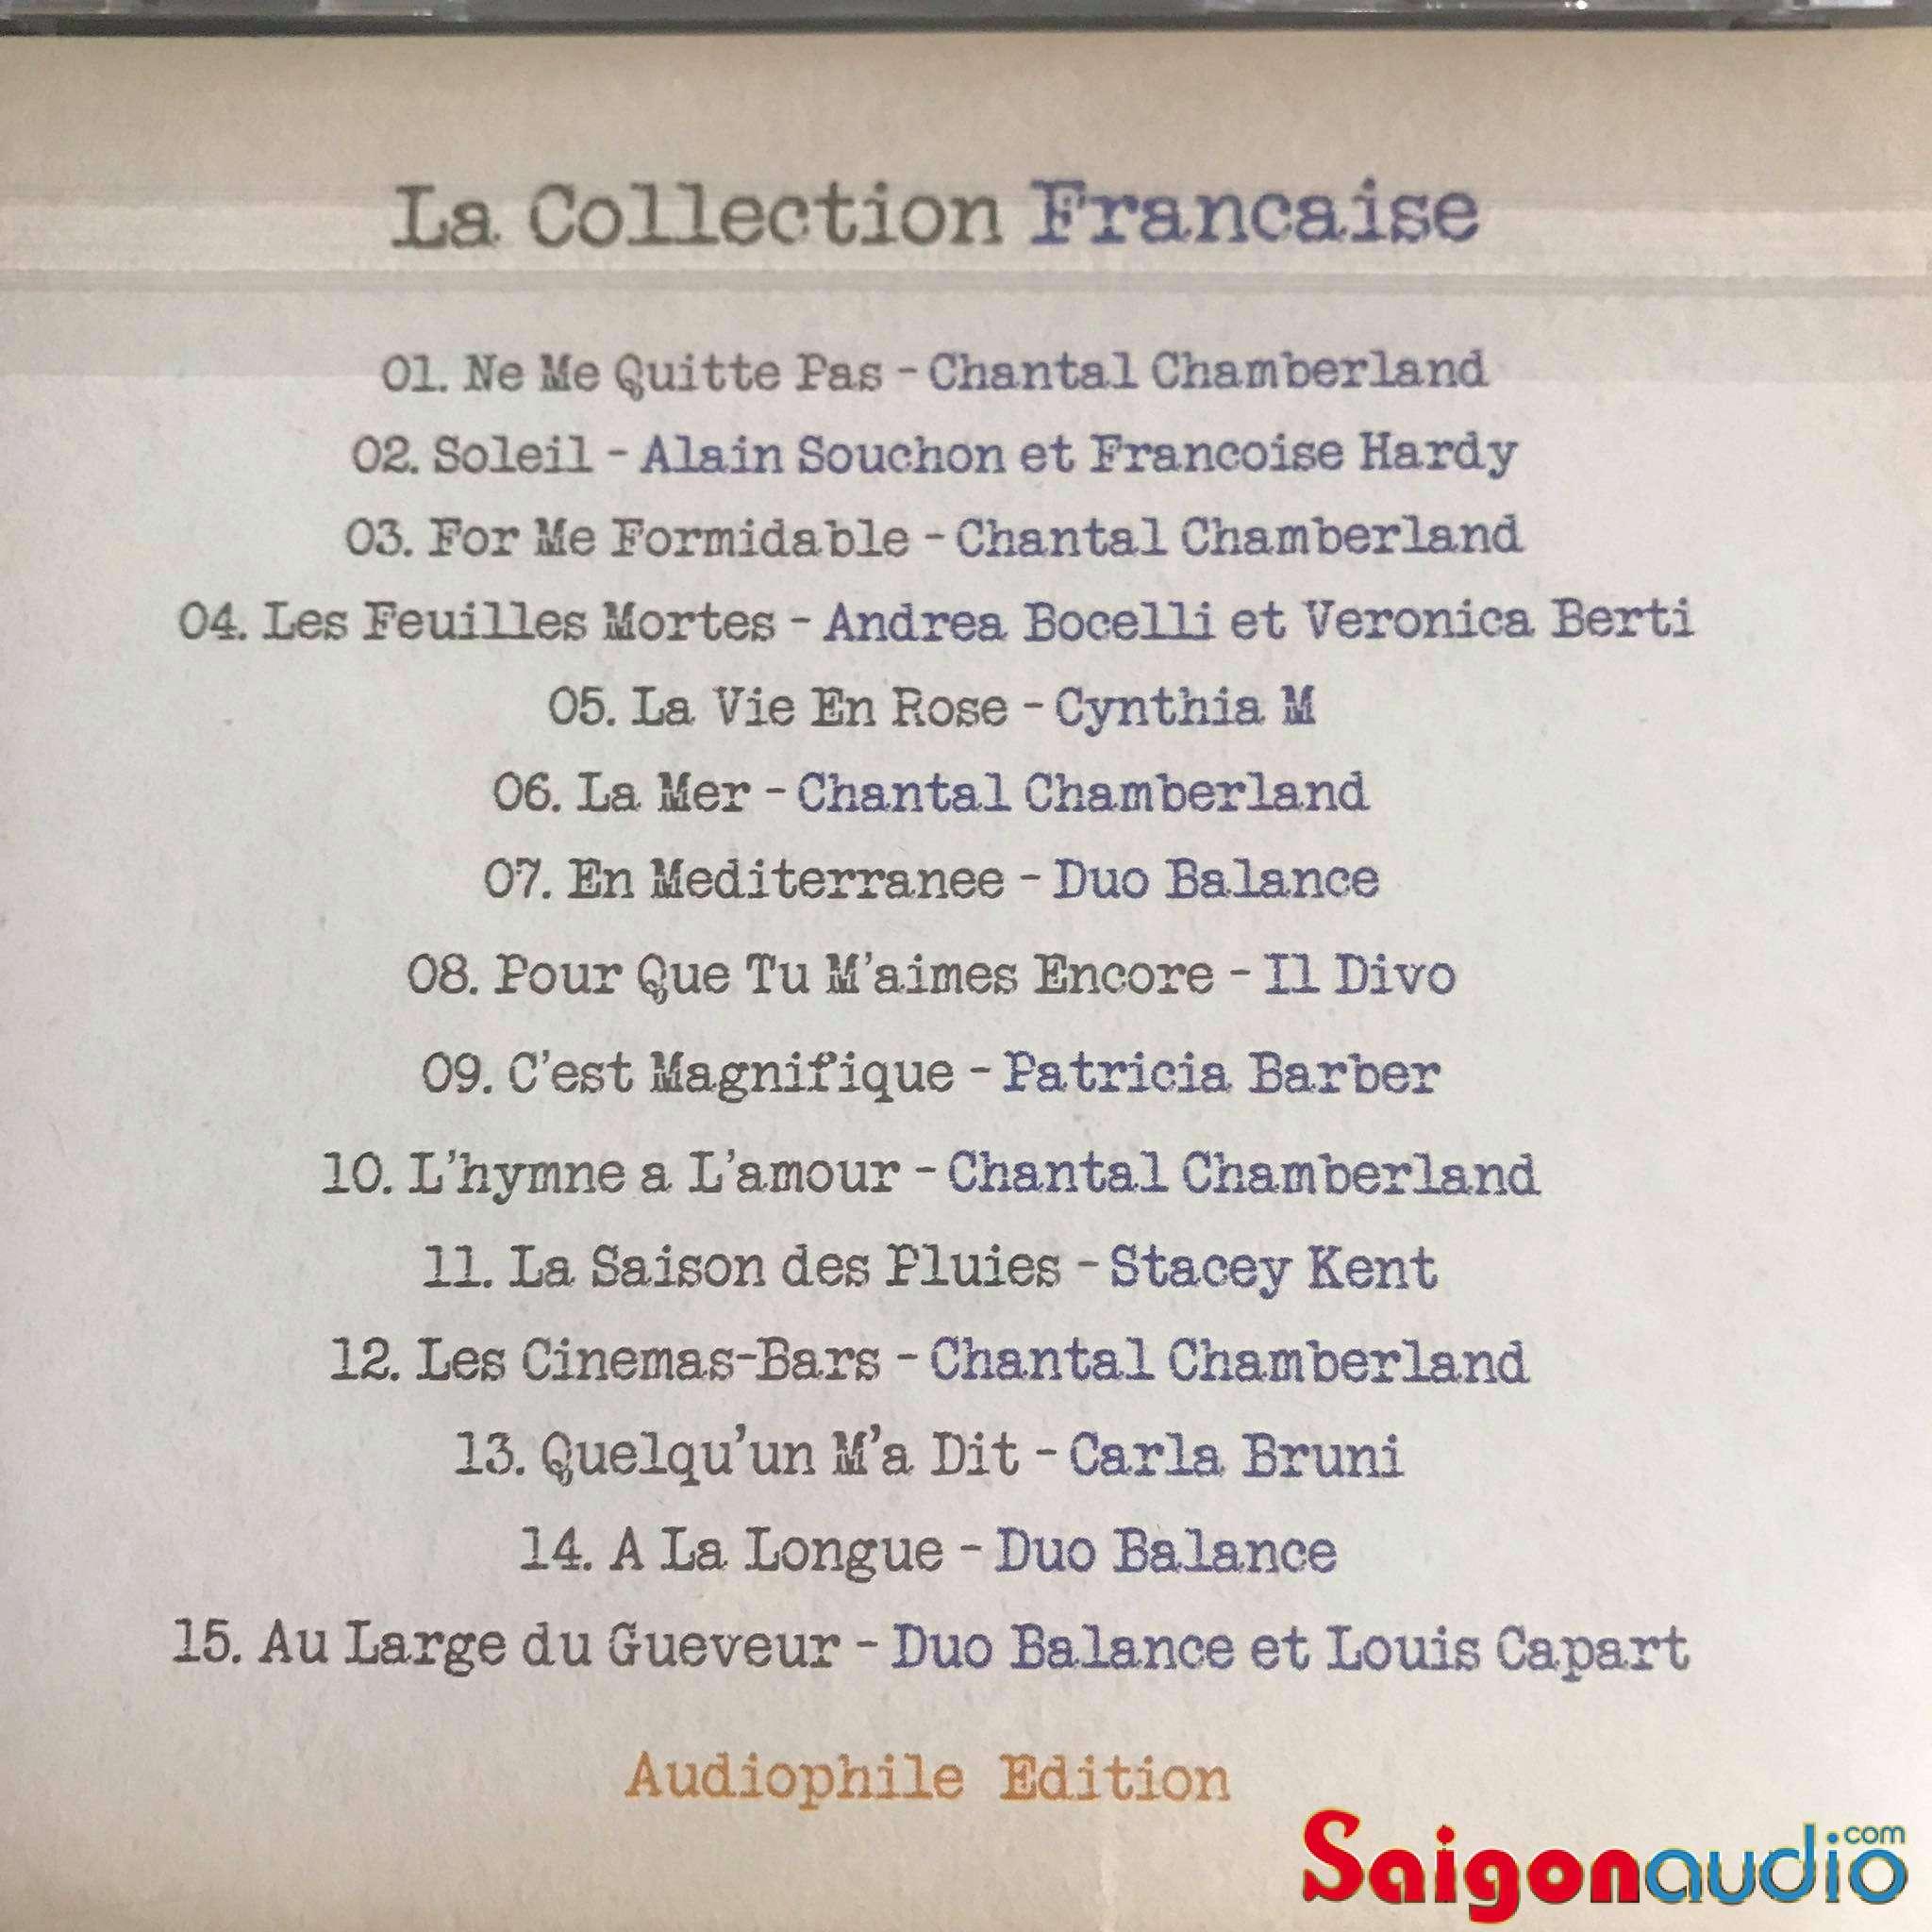 Đĩa CD nhạc La Collection Francaise - Audiphile Edition (Free ship khi mua 2 đĩa CD cùng hoặc khác loại)